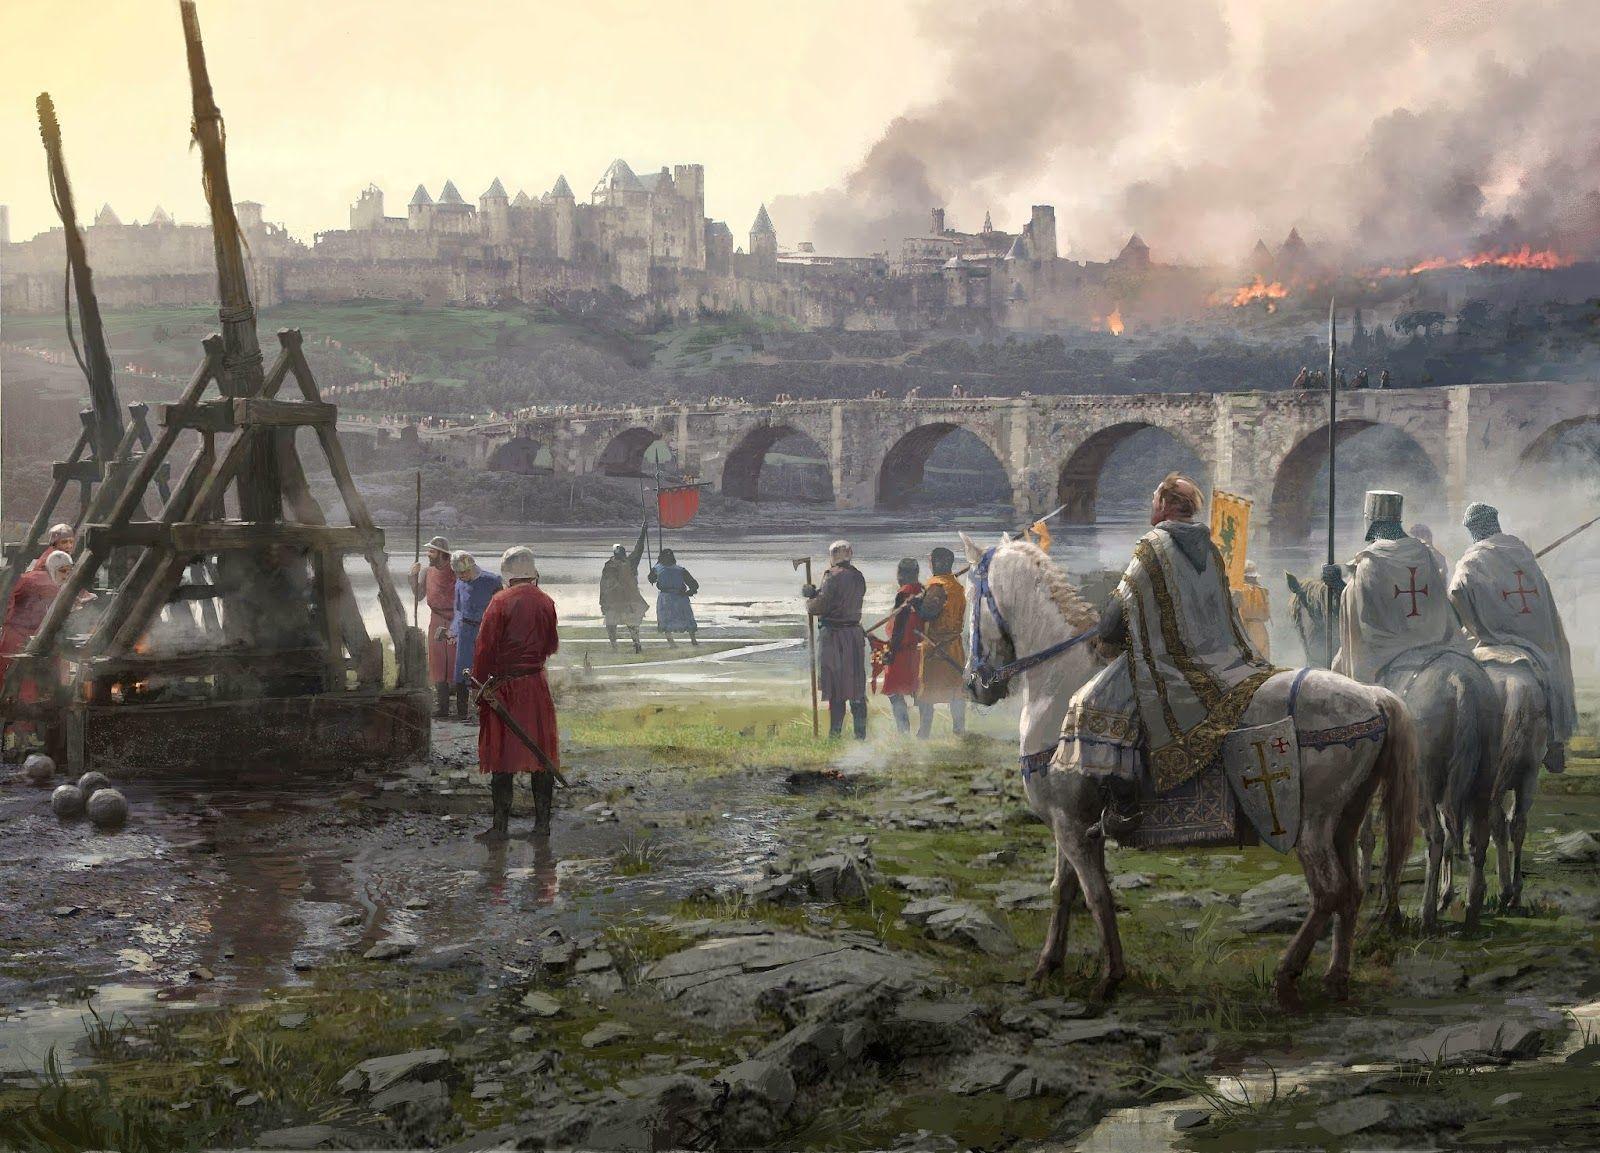 ¿Contra quién fue convocada la Cruzada Albigense?